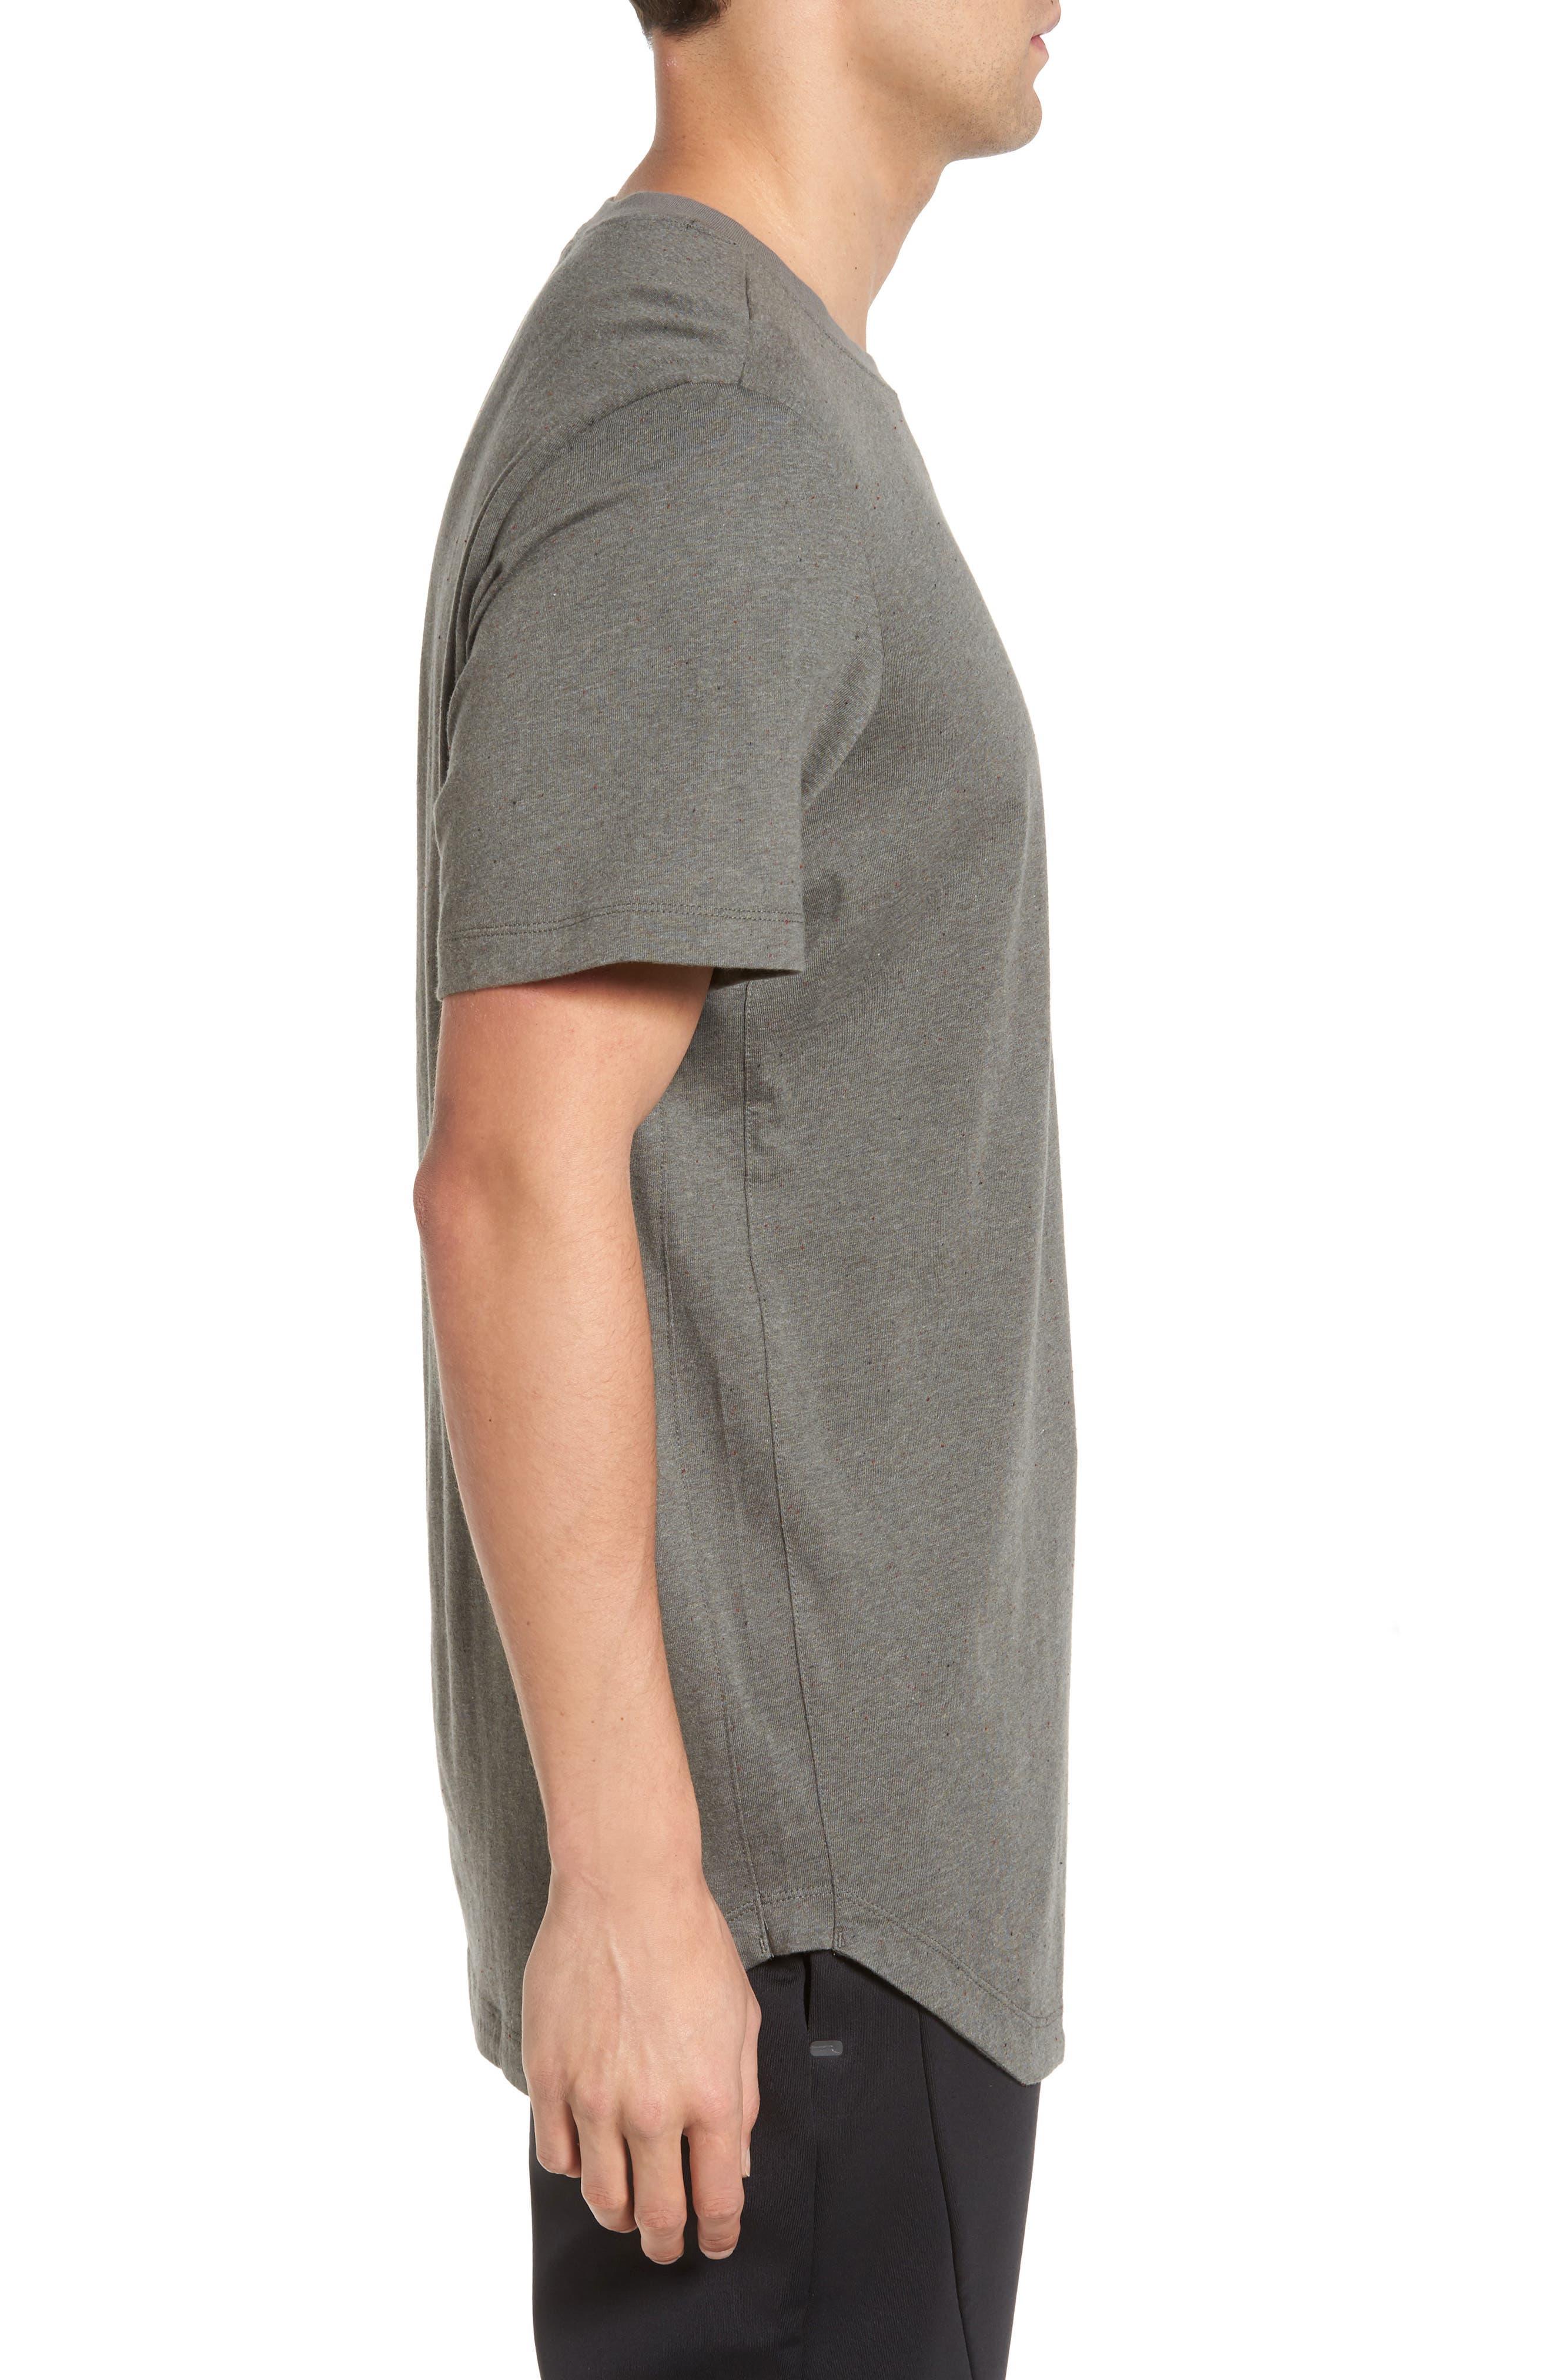 Future 2 T-Shirt,                             Alternate thumbnail 3, color,                             White/ Black